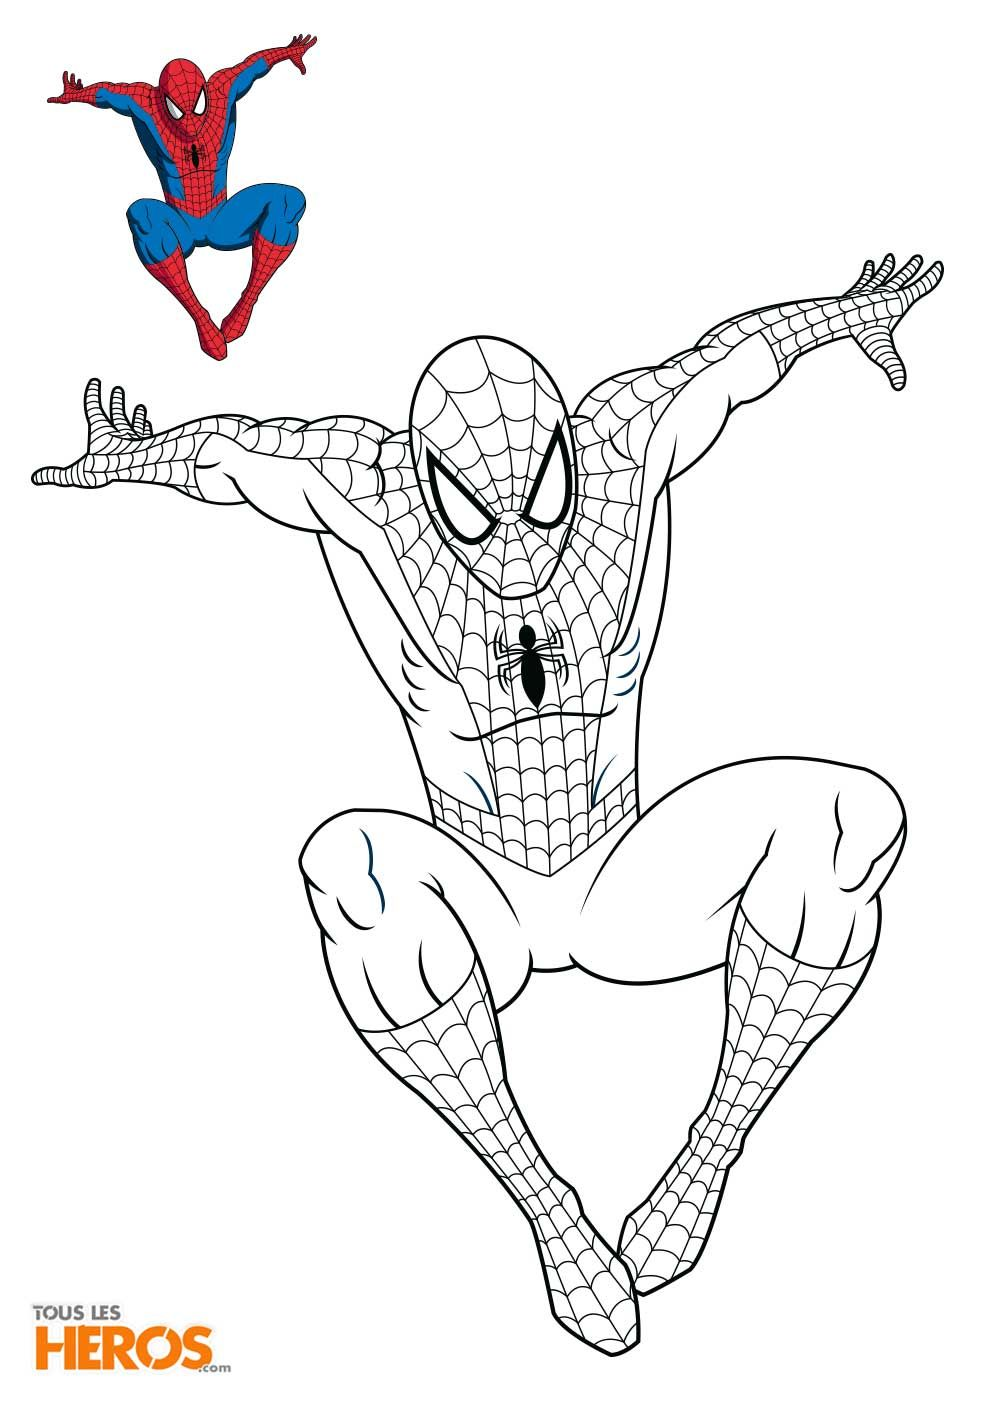 Coloriage Spiderman4 Jpg 992 1403 Coloriage Spiderman Coloriage Dessin Spiderman